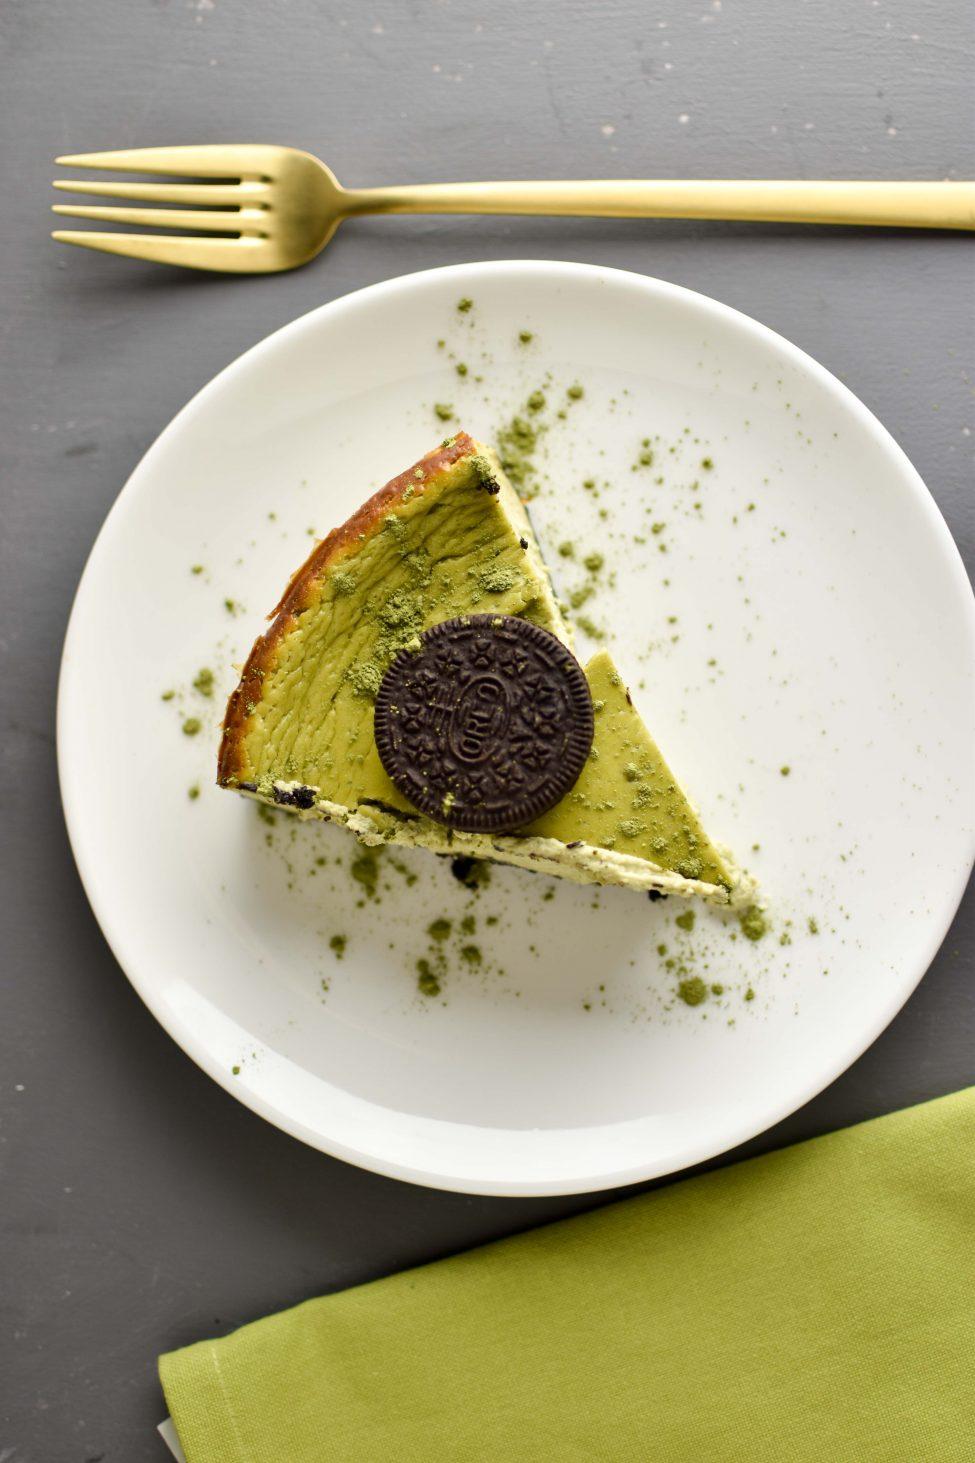 Matcha Oreo cheesecake